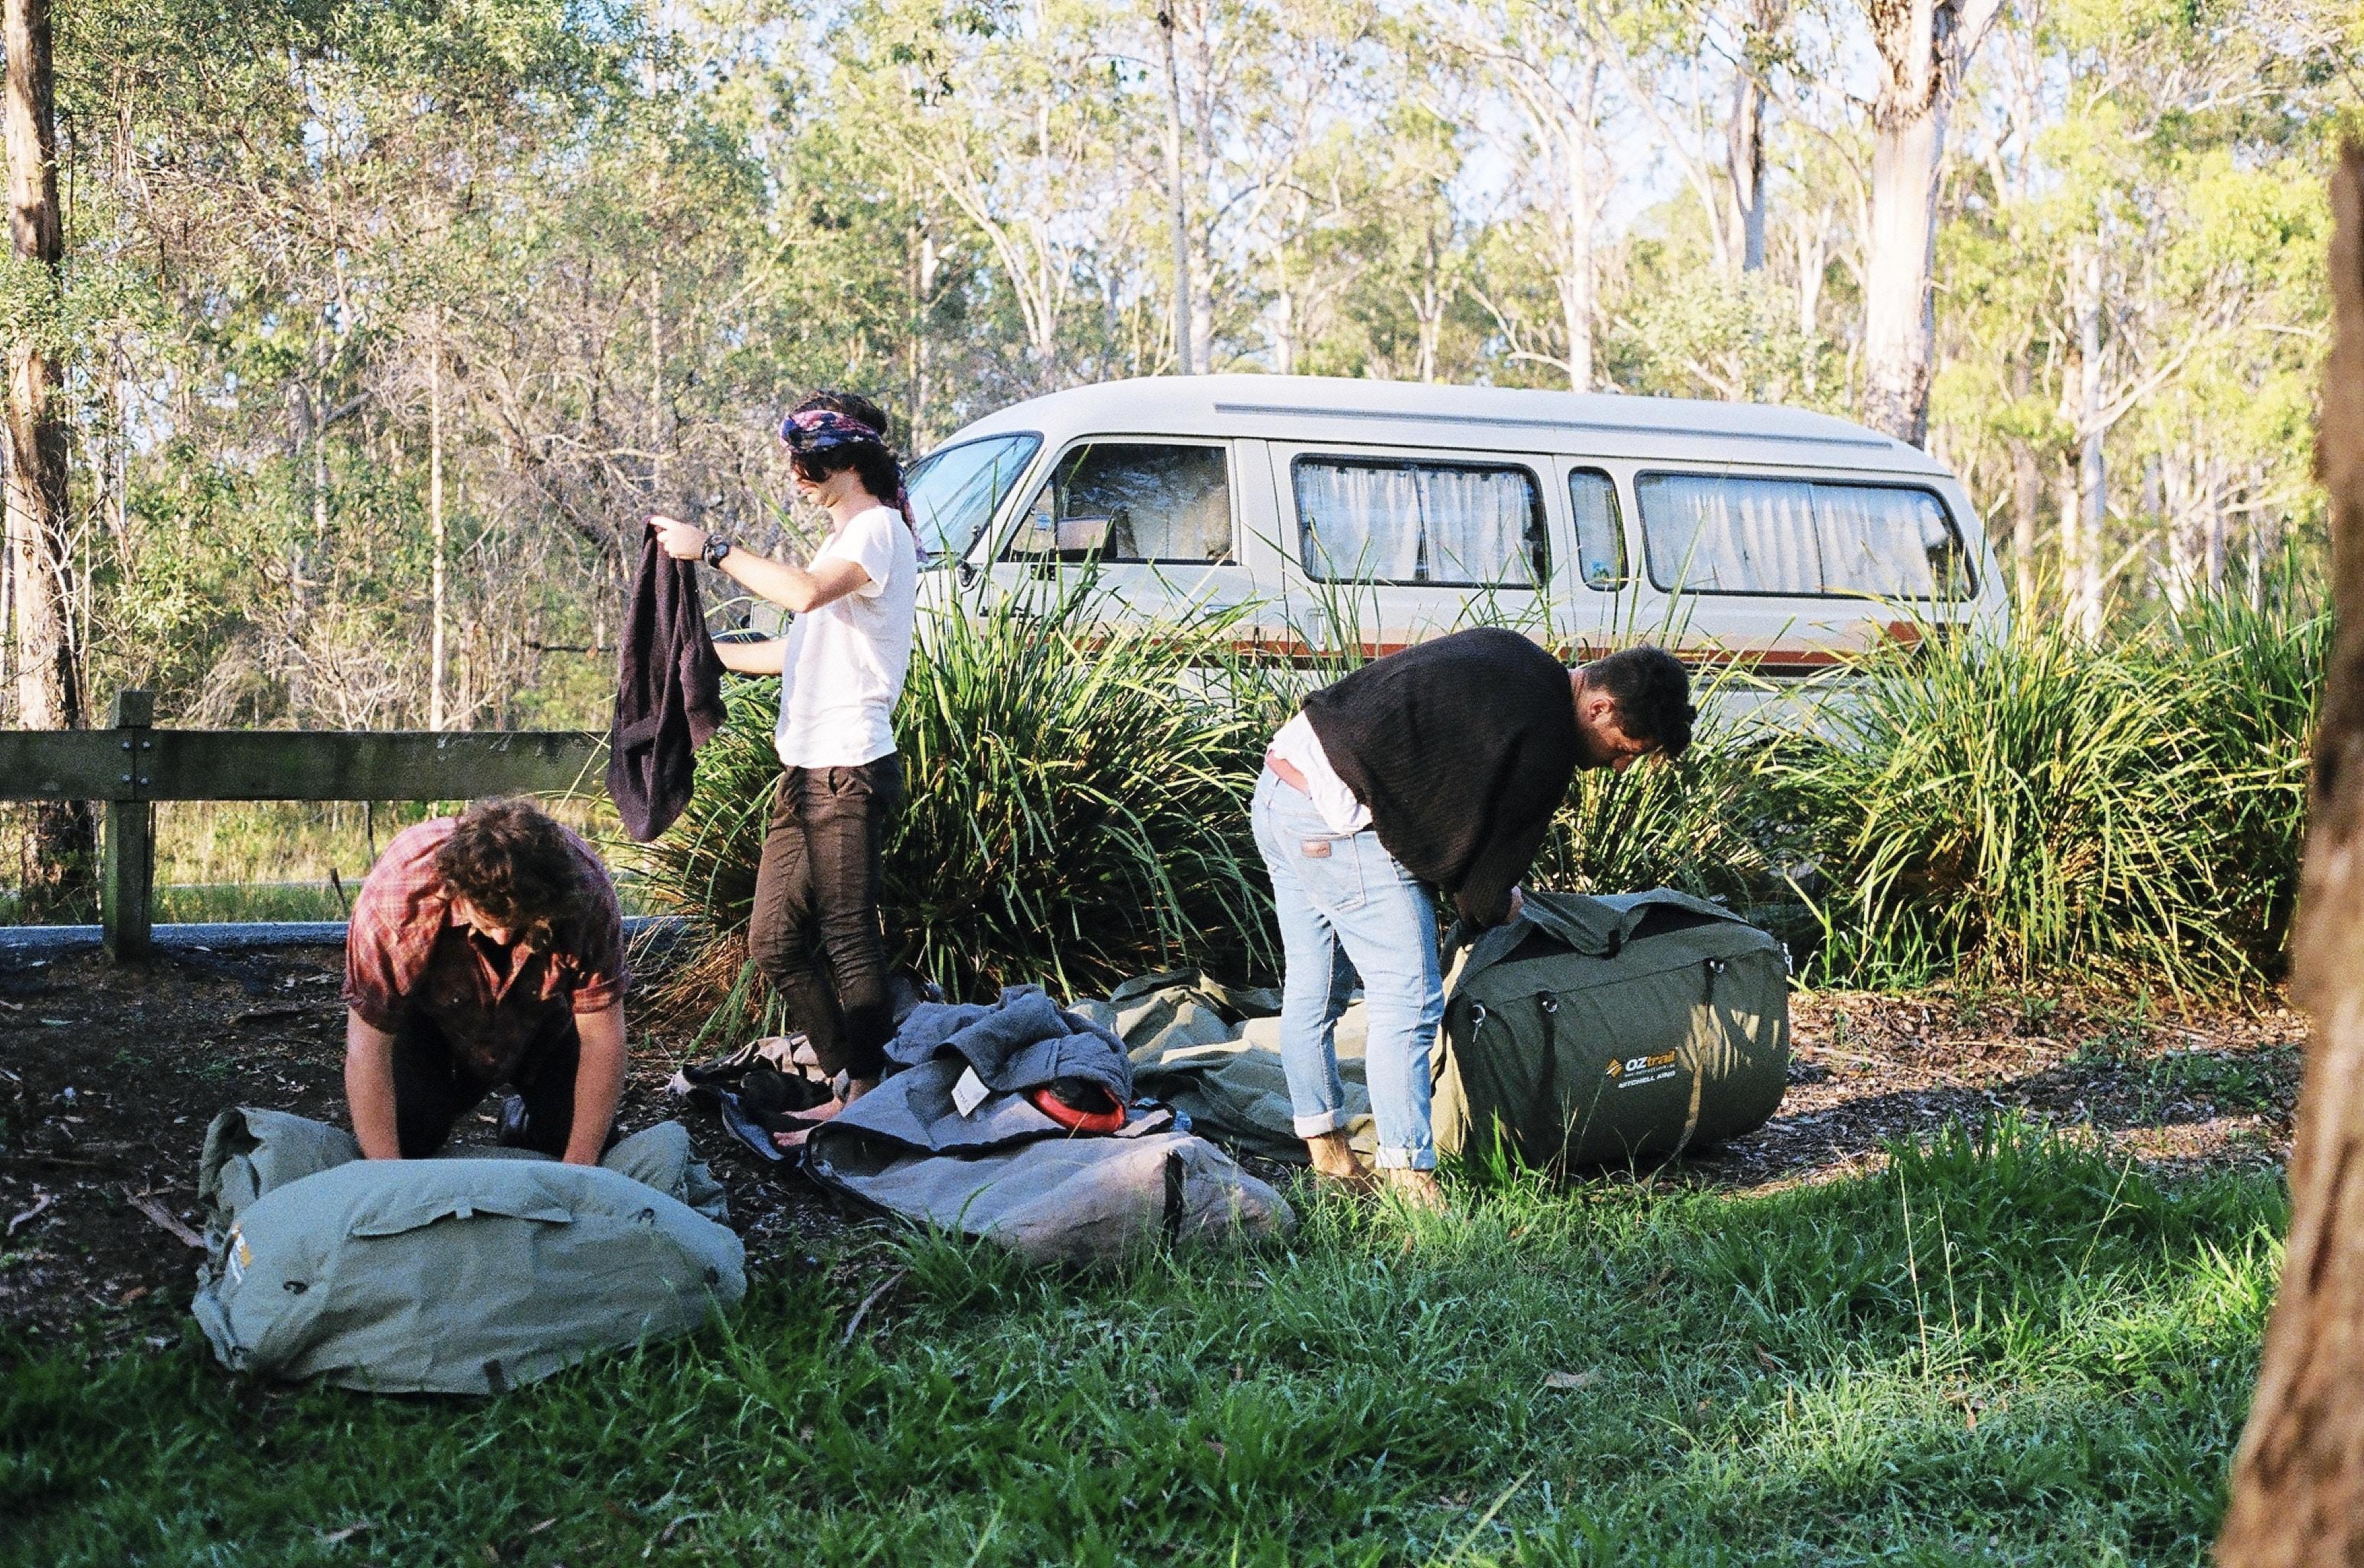 キャンプ荷物 - キャンピングカーに泊まる時のコツを紹介